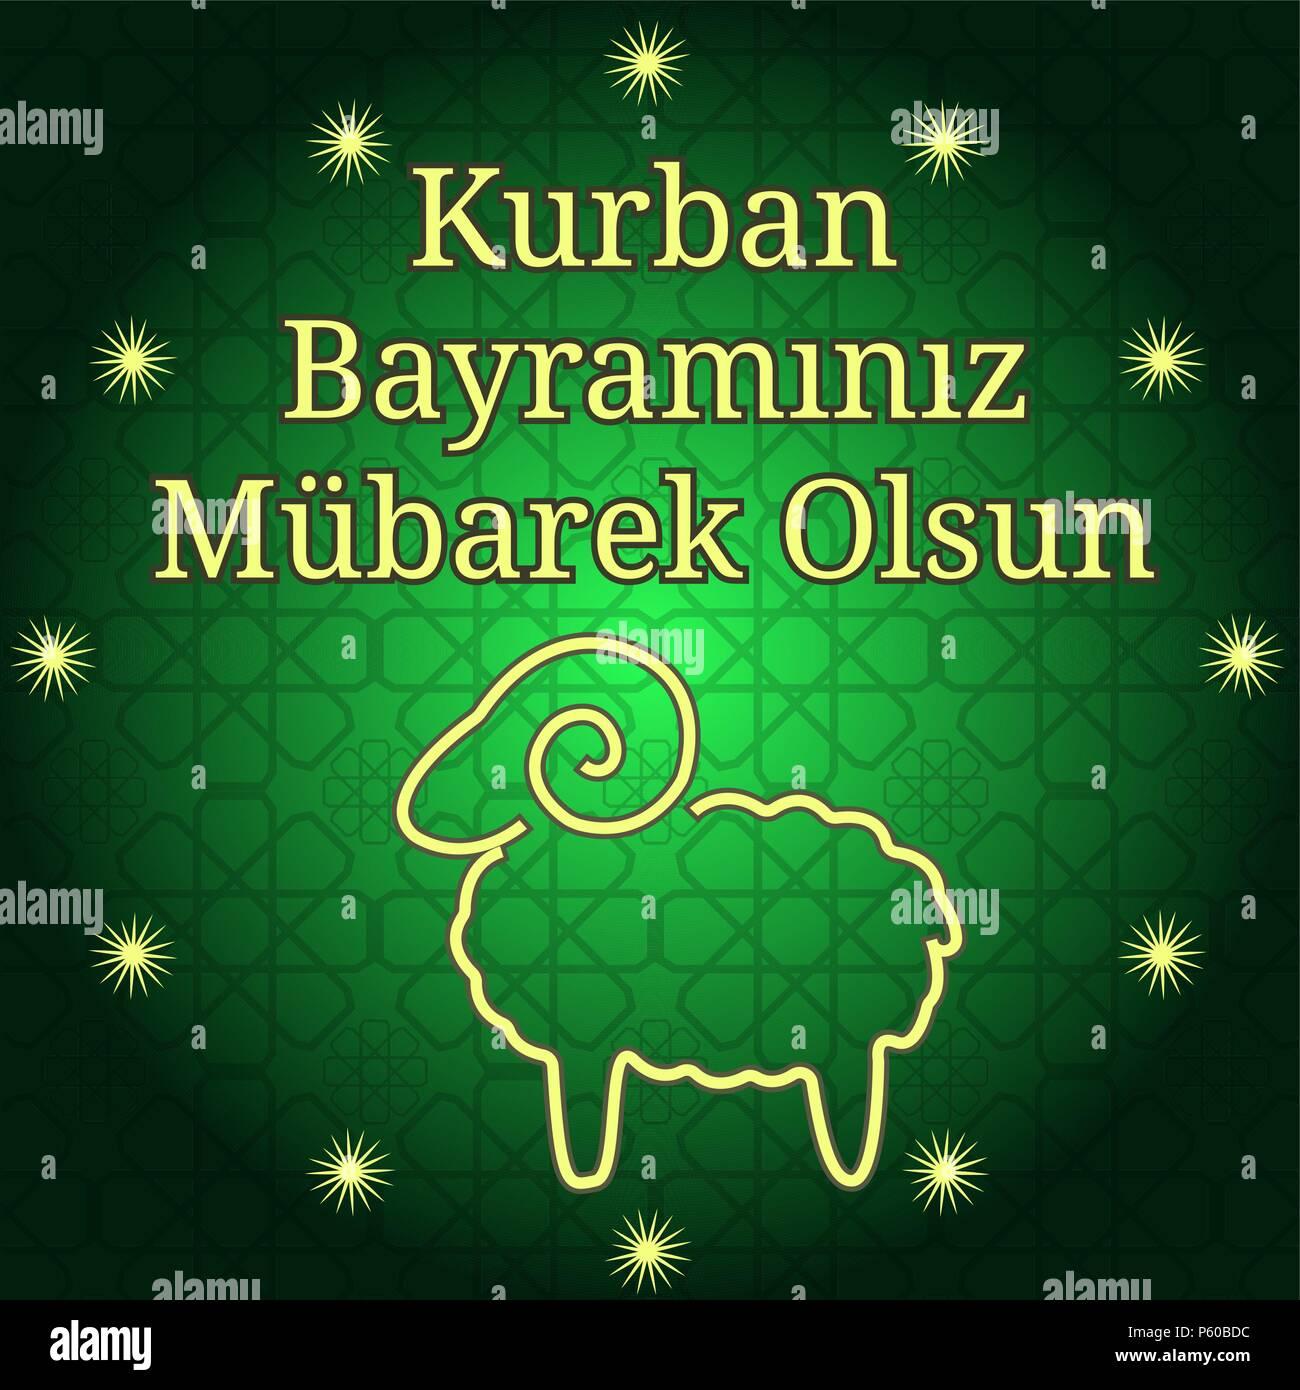 muslim community kurban bayram